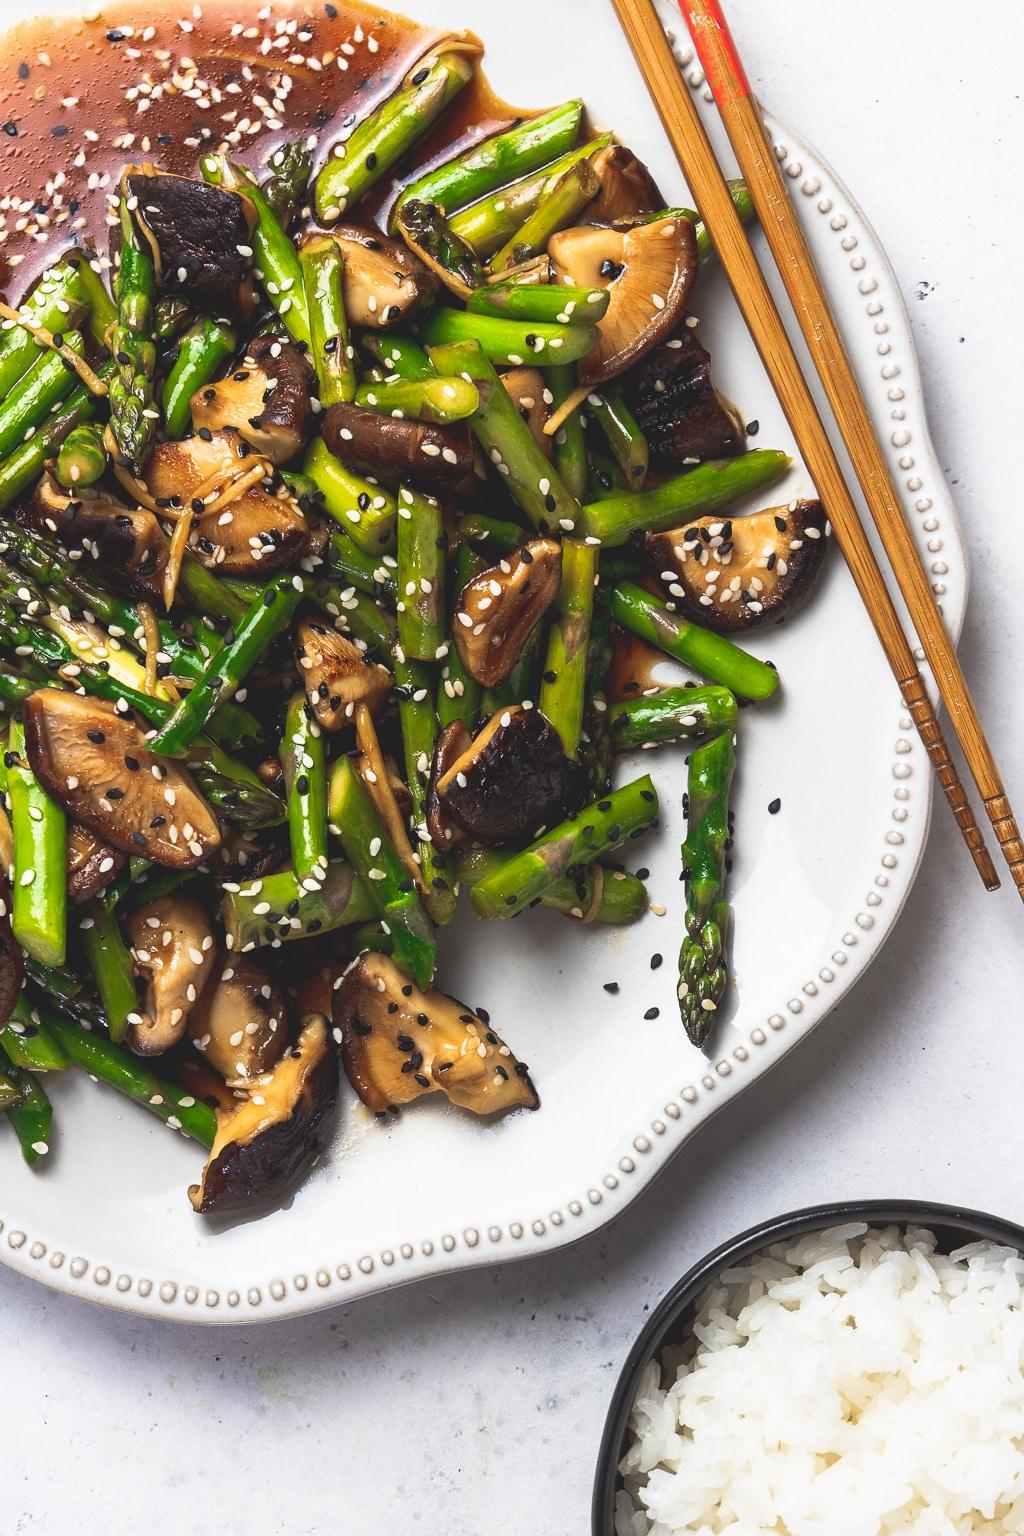 Asparagus Mushroom Stir Fry Super Fast Weeknight Dinner Jo Eats